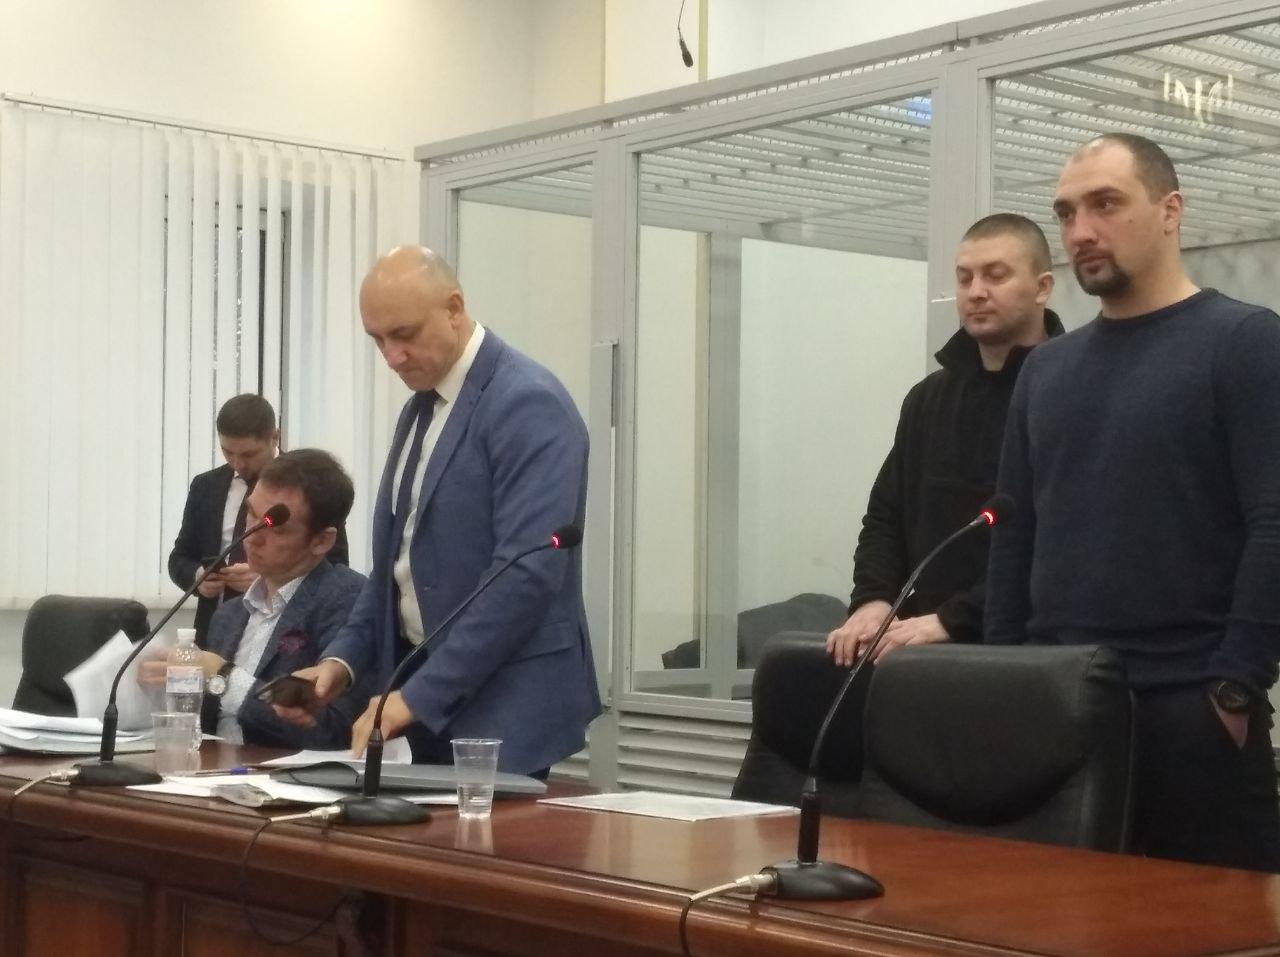 Справа наліво Сергій Тамтура, Олександр Маринченко, адвокати Варфоломеєв, Решко, Горошинський